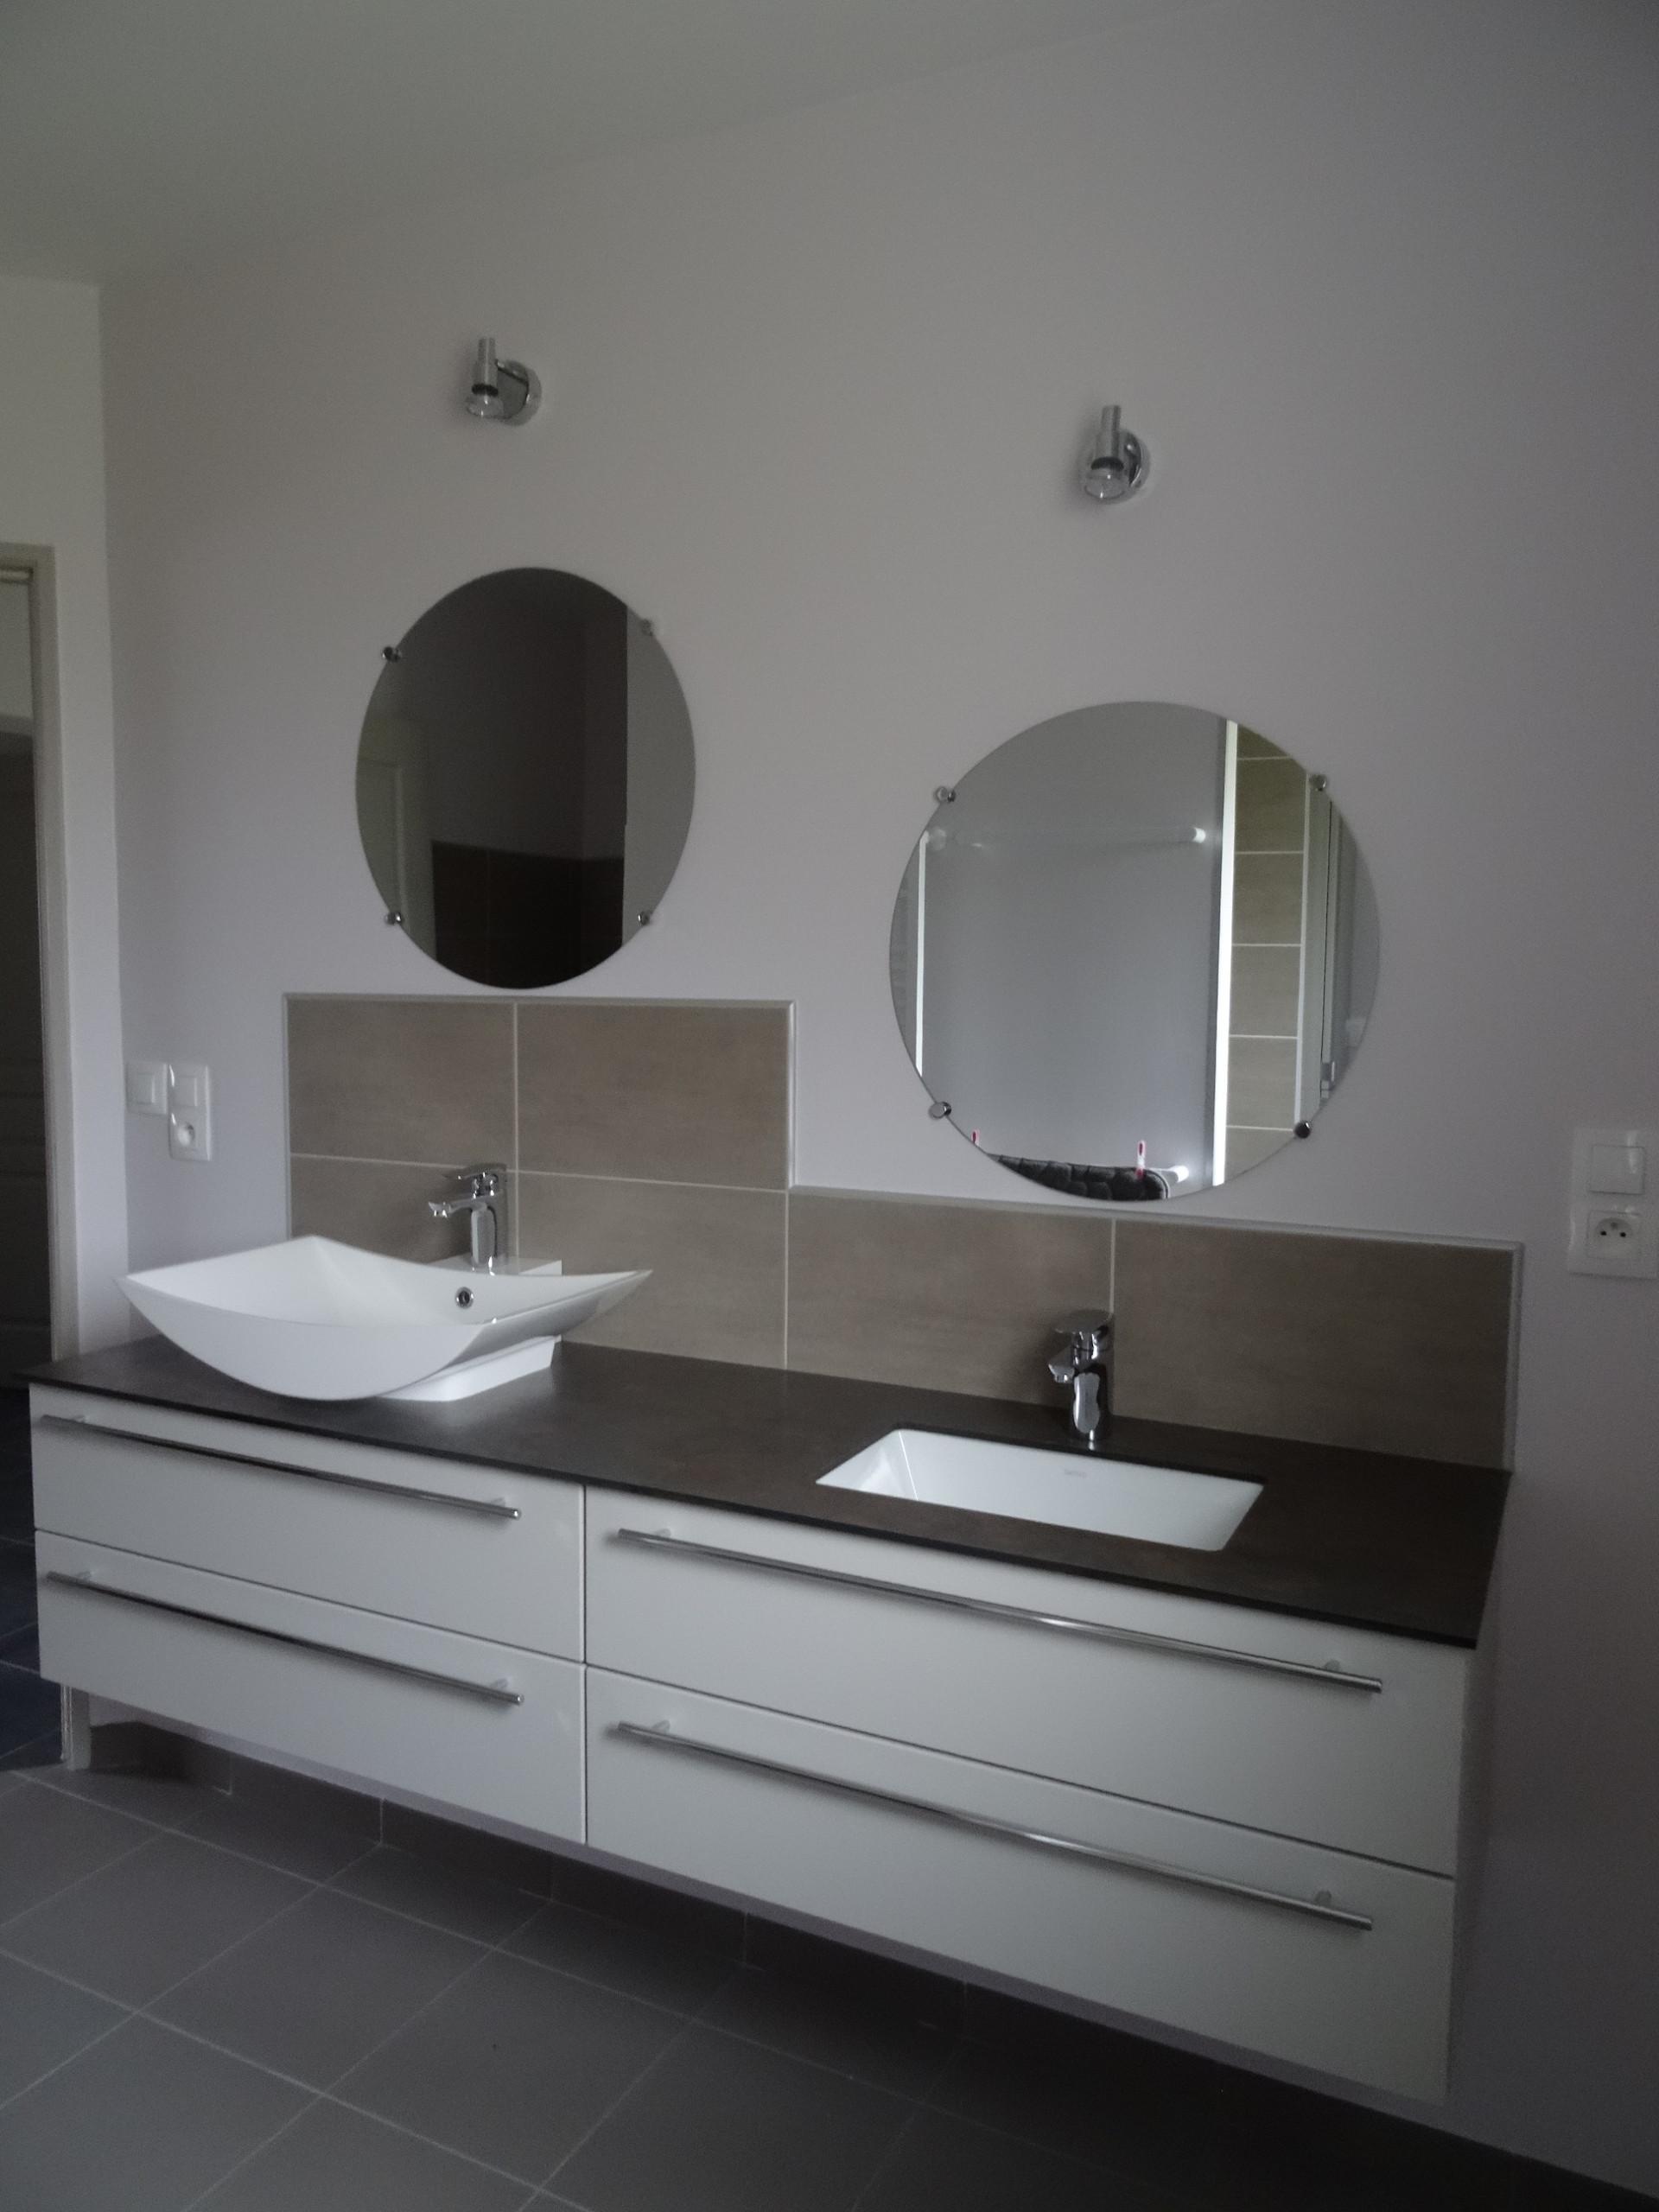 LE STYLE CLASSIQUE : Cuisine, Salle de bain, Rangement